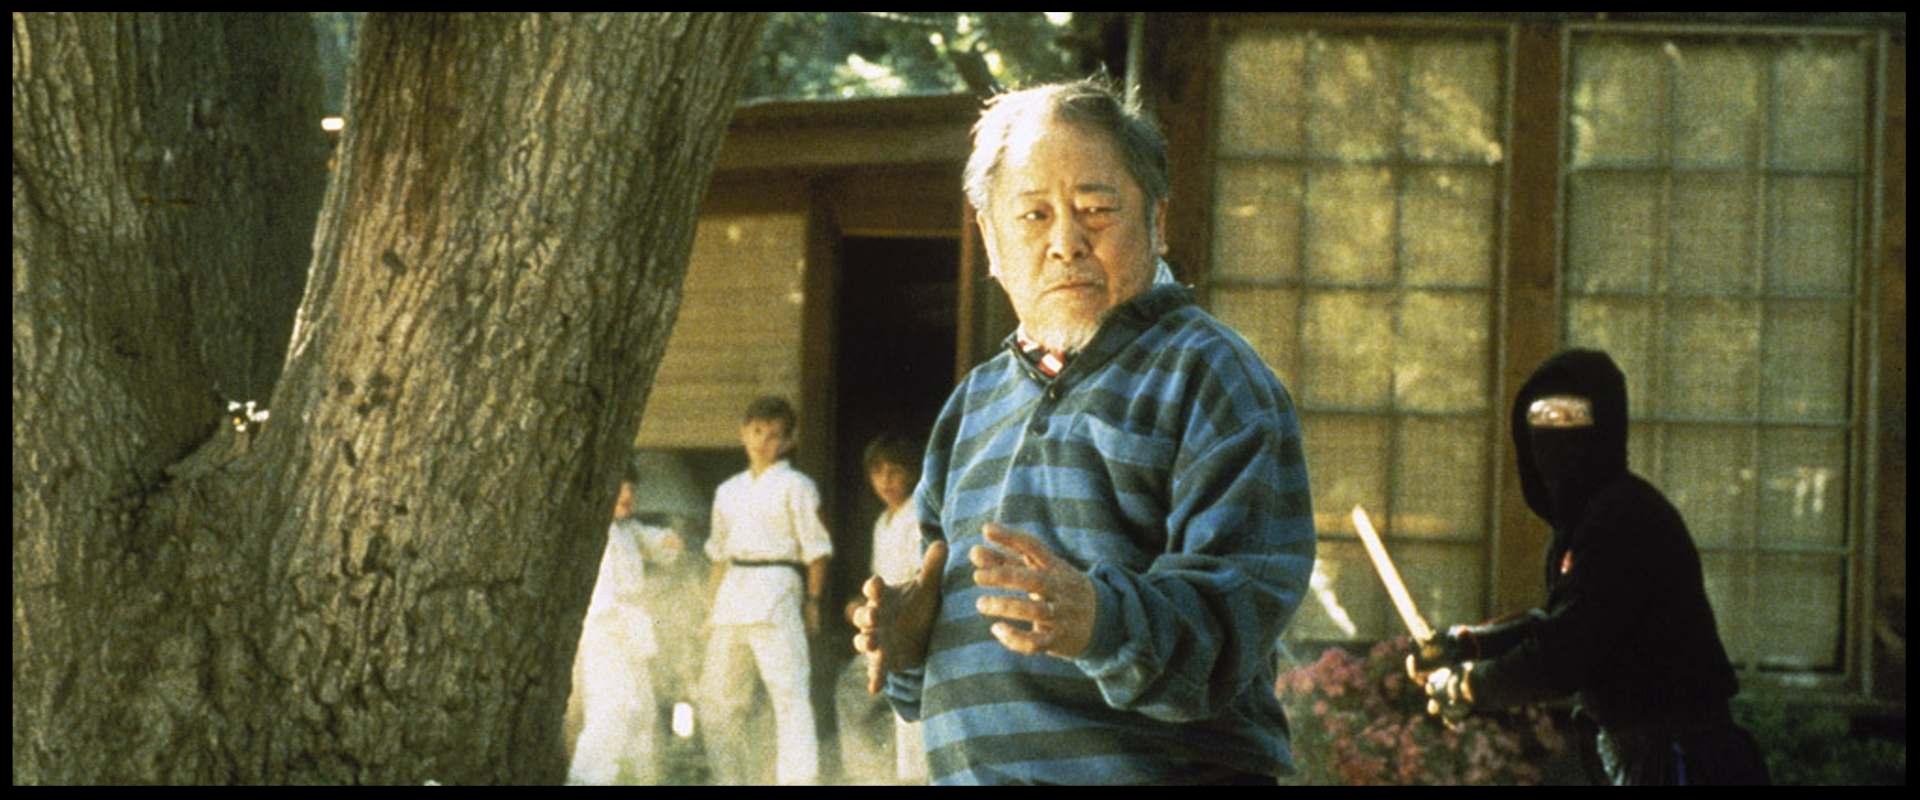 Grandpa Mori 3 Ninjas.jpg